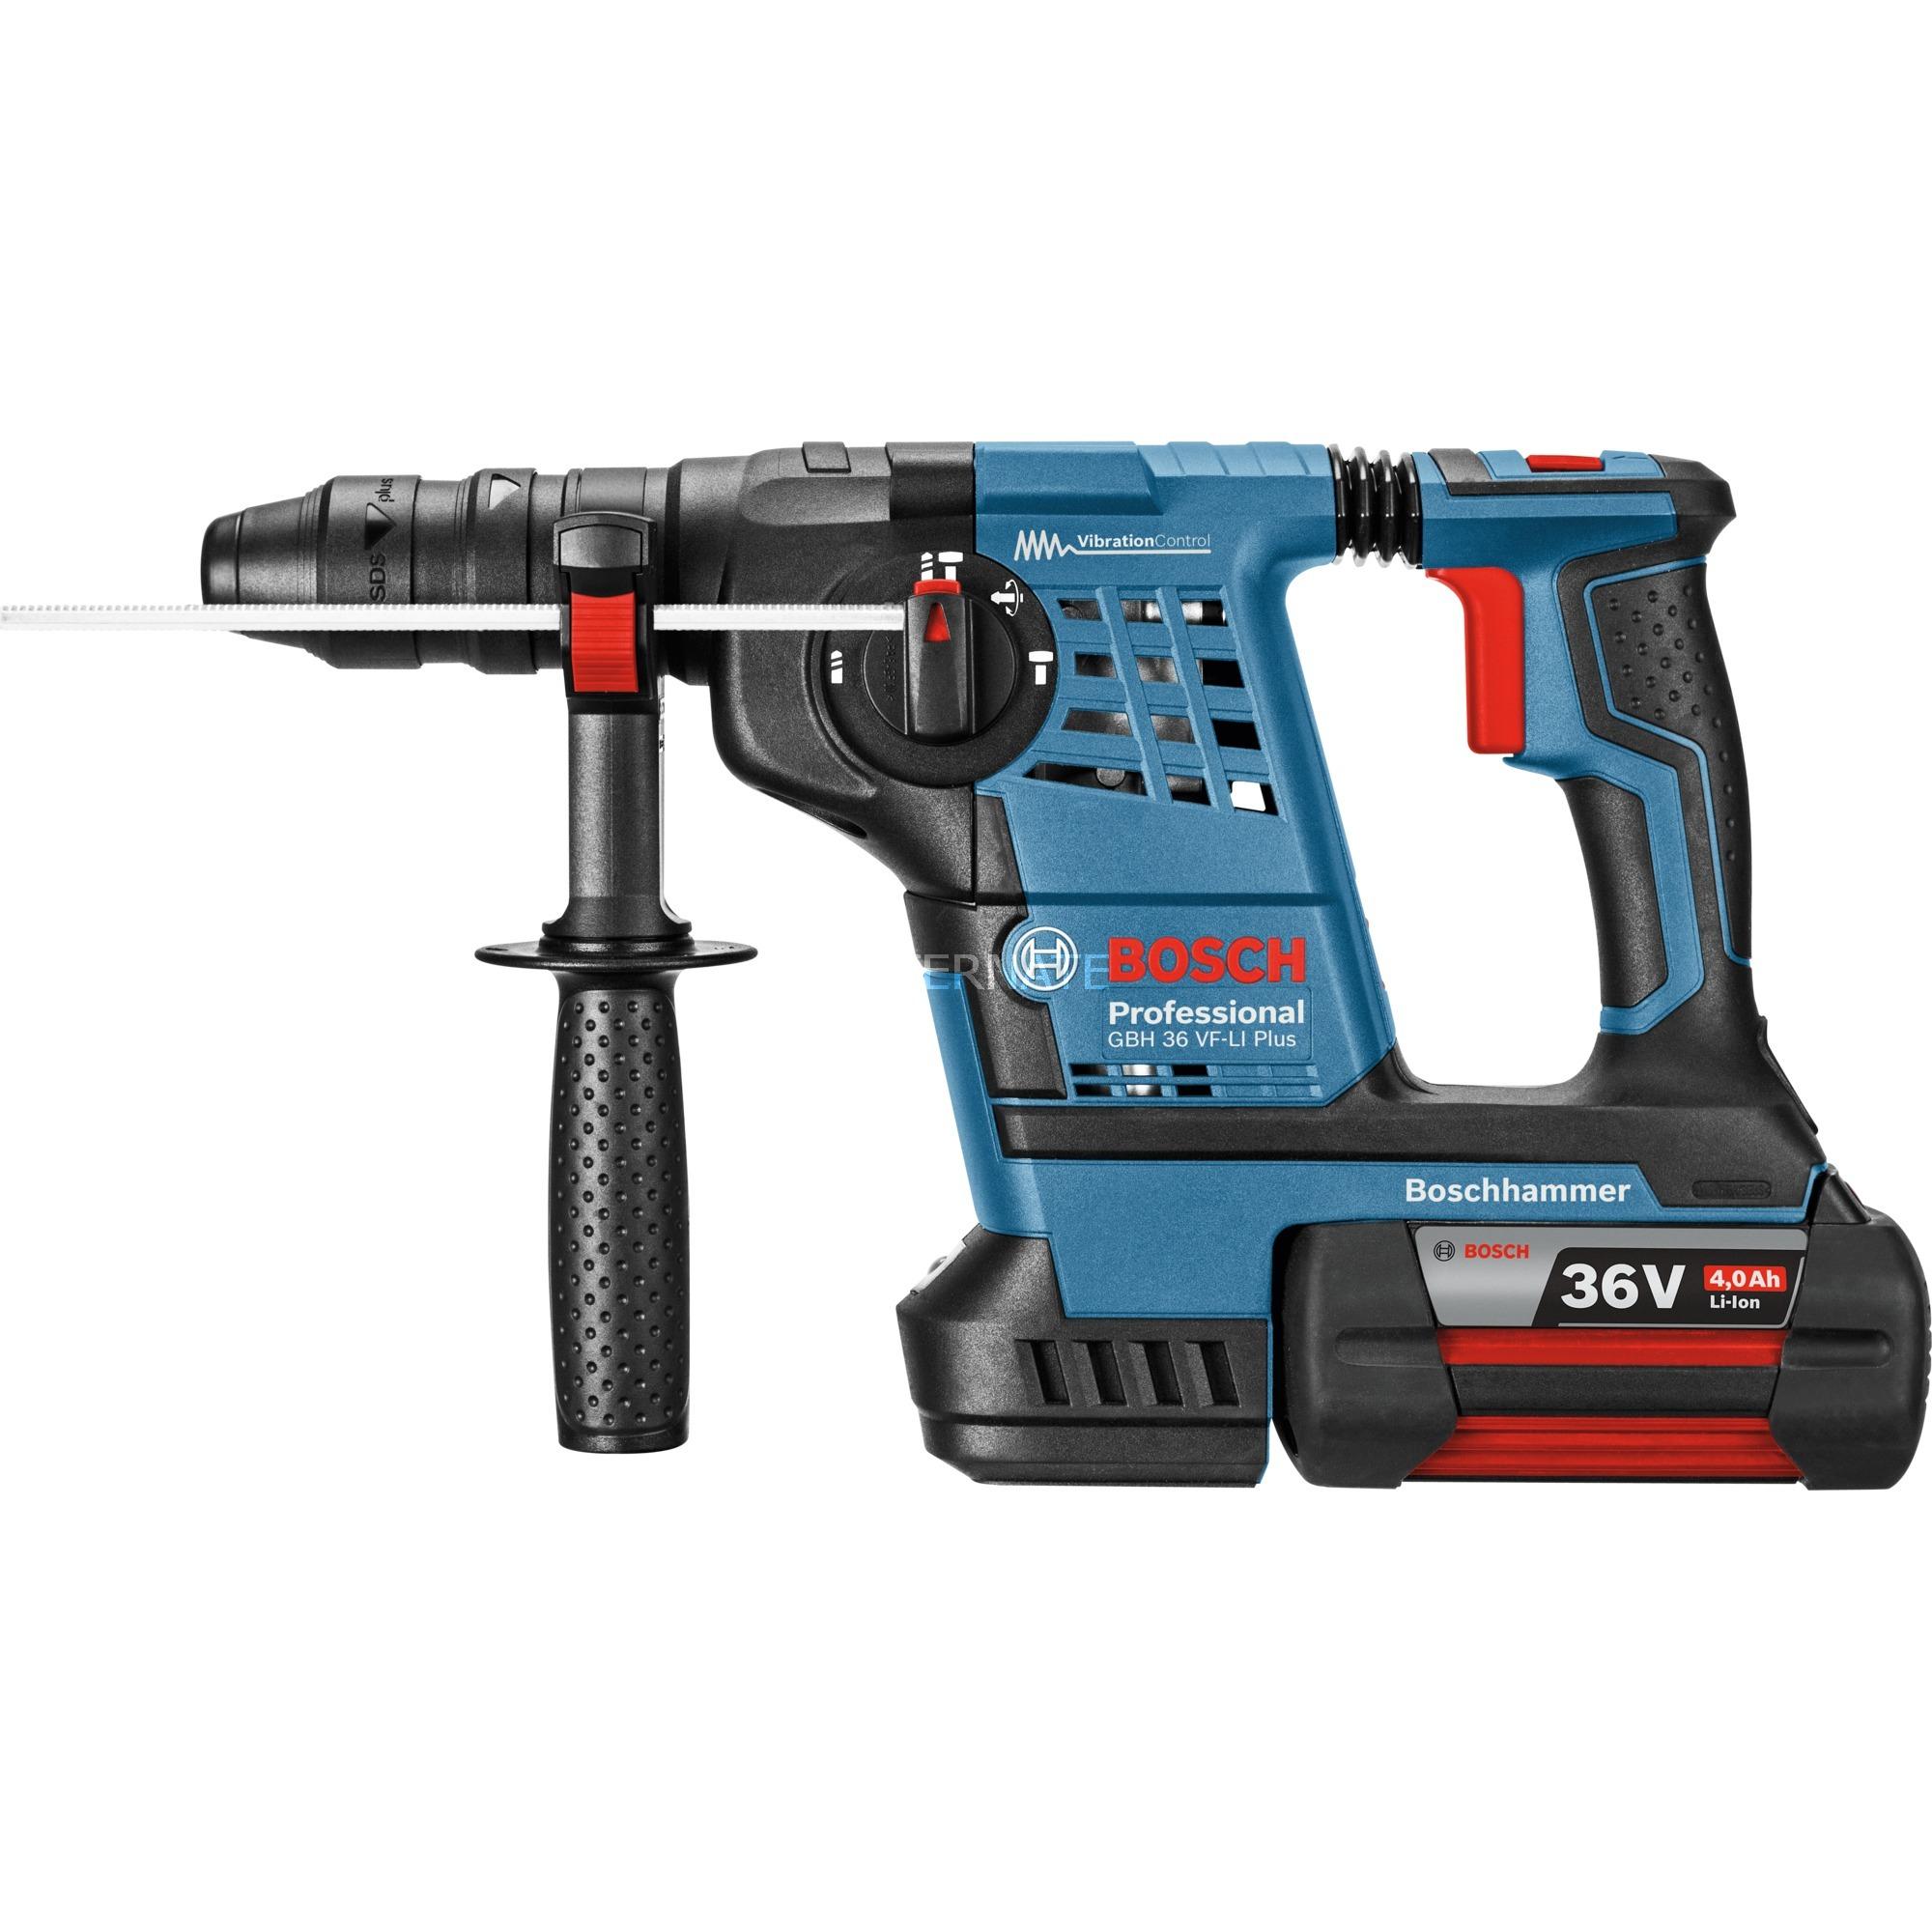 bosch akku-bohrhammer gbh 36 vf-li plus professional blau, l-boxx